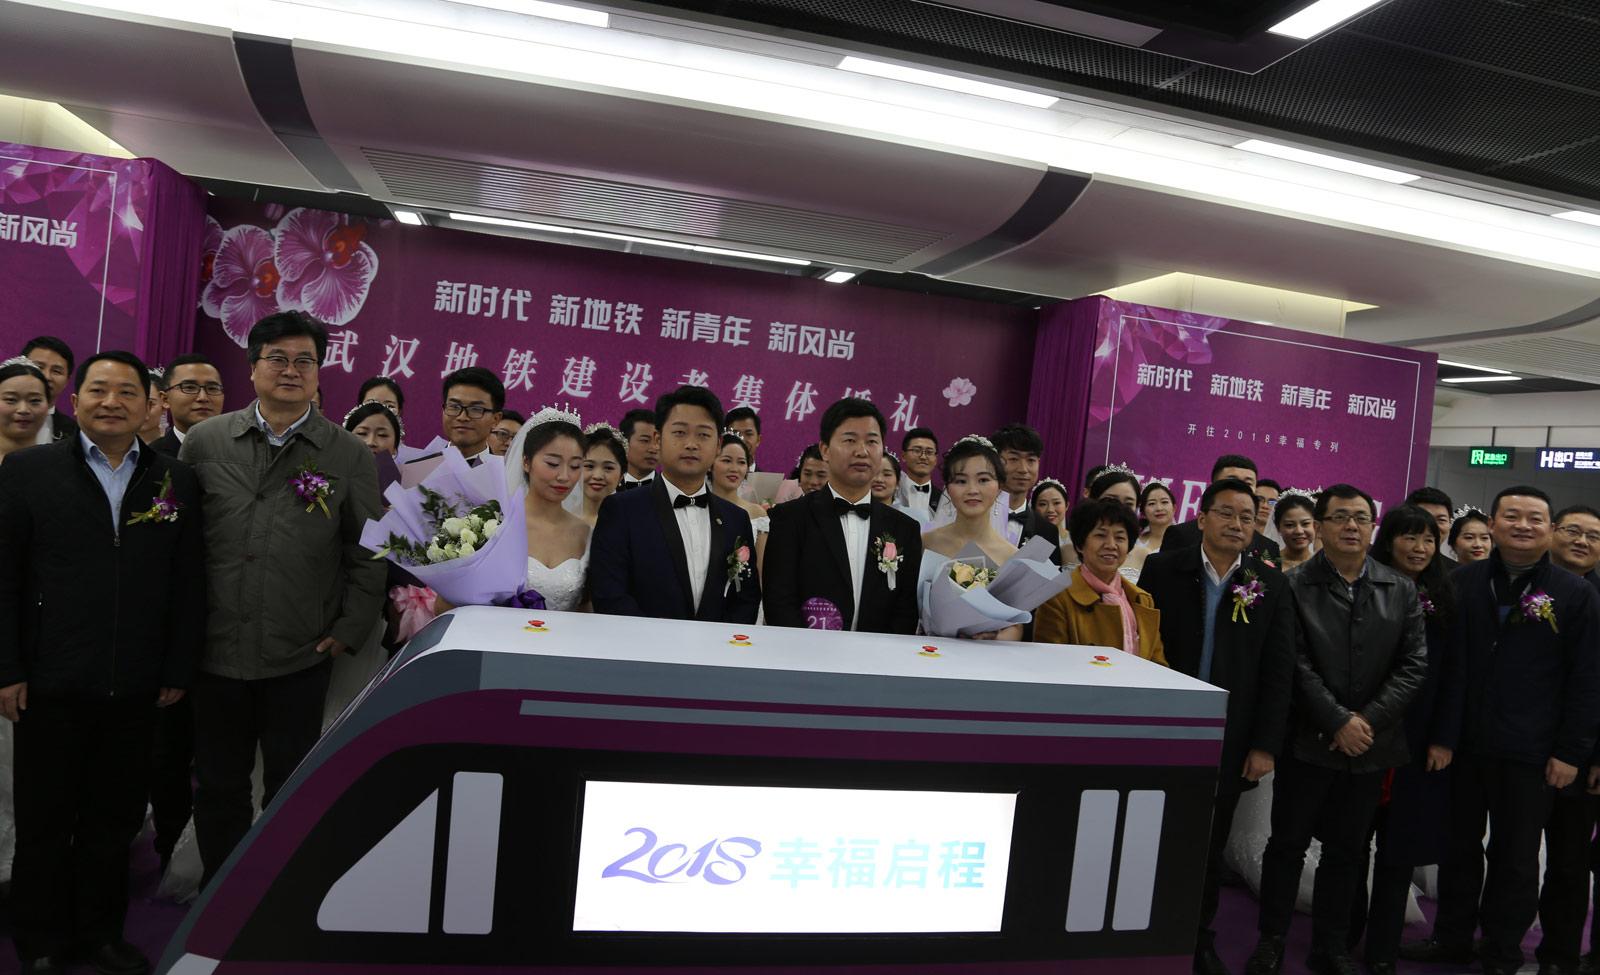 在当天的集体婚礼上,一辆地铁模型缓缓驶来,寓意21对新人将搭乘人生列车幸福启程。(连迅 摄)